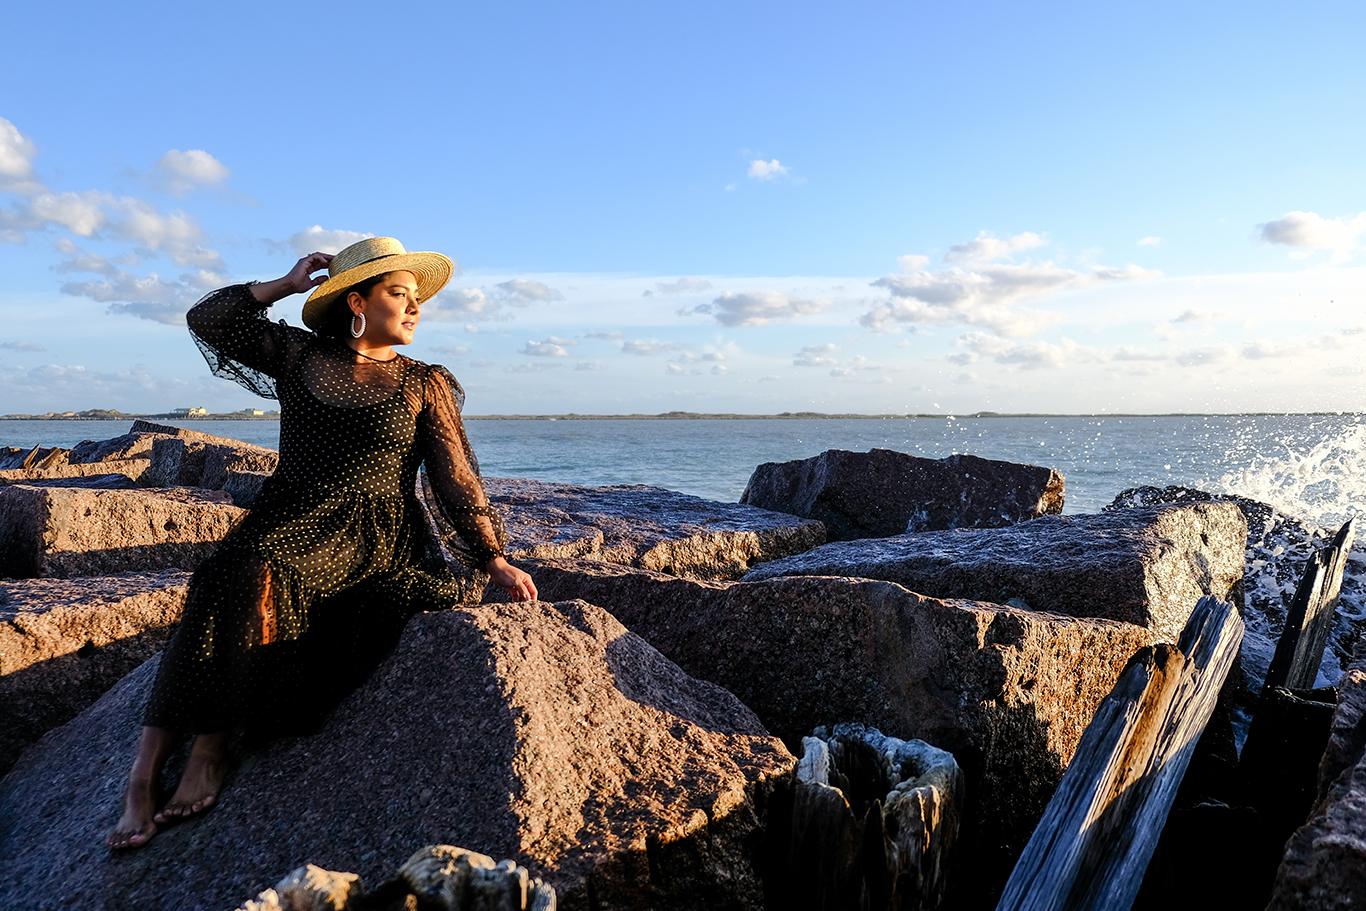 crashing waves, woman wearing hat, ocean, wood